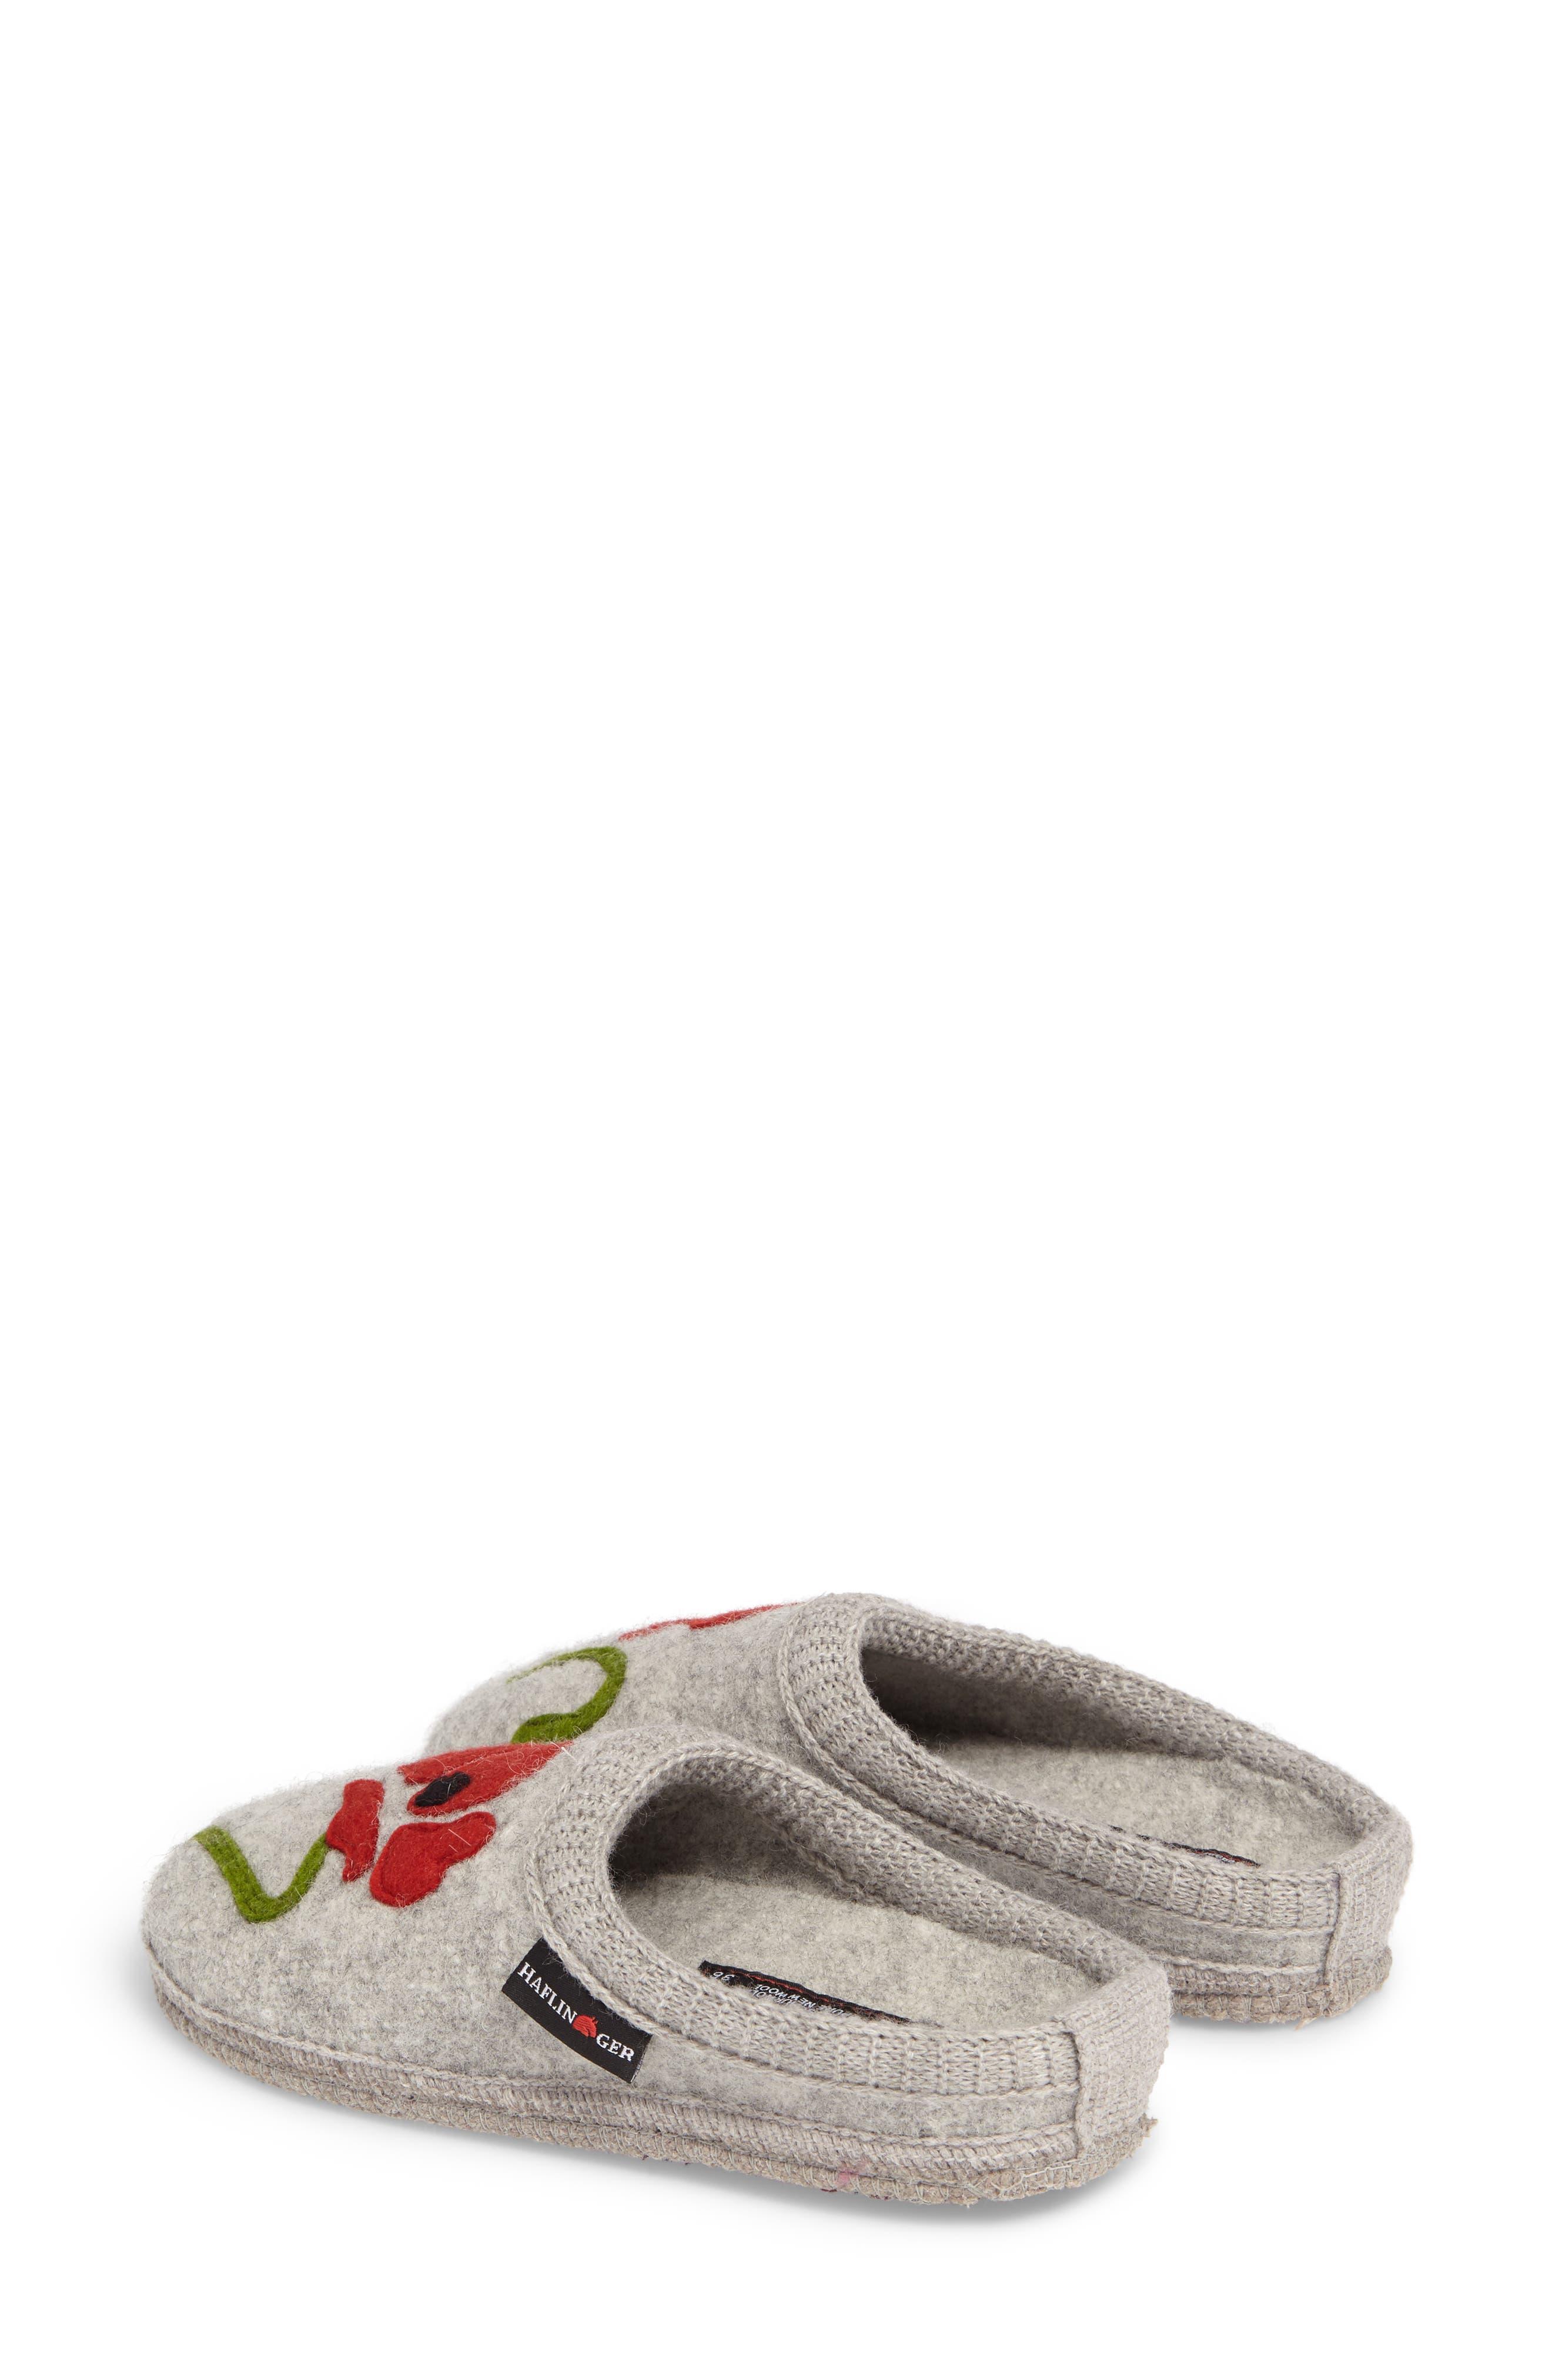 Alternate Image 3  - Haflinger Blossom Slipper (Women)